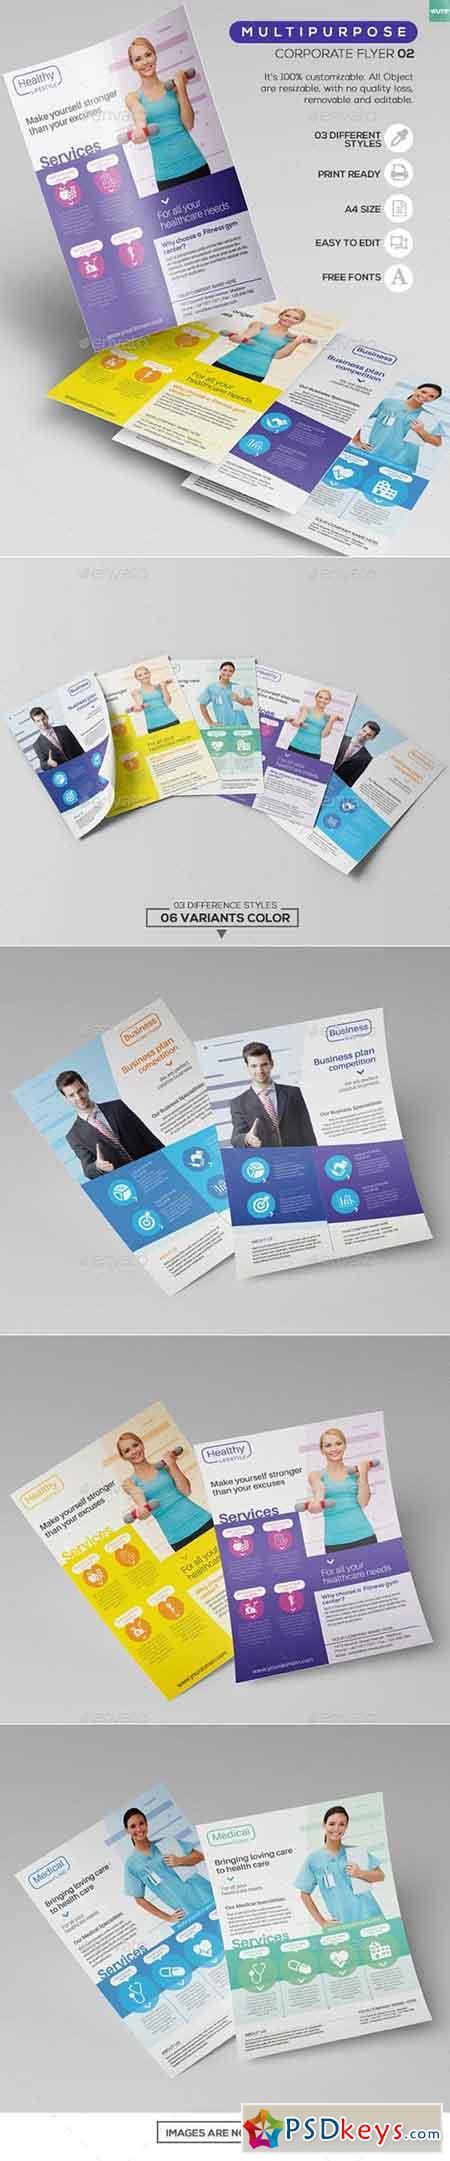 Multipurpose Corporate - Flyer Template 02 13308650